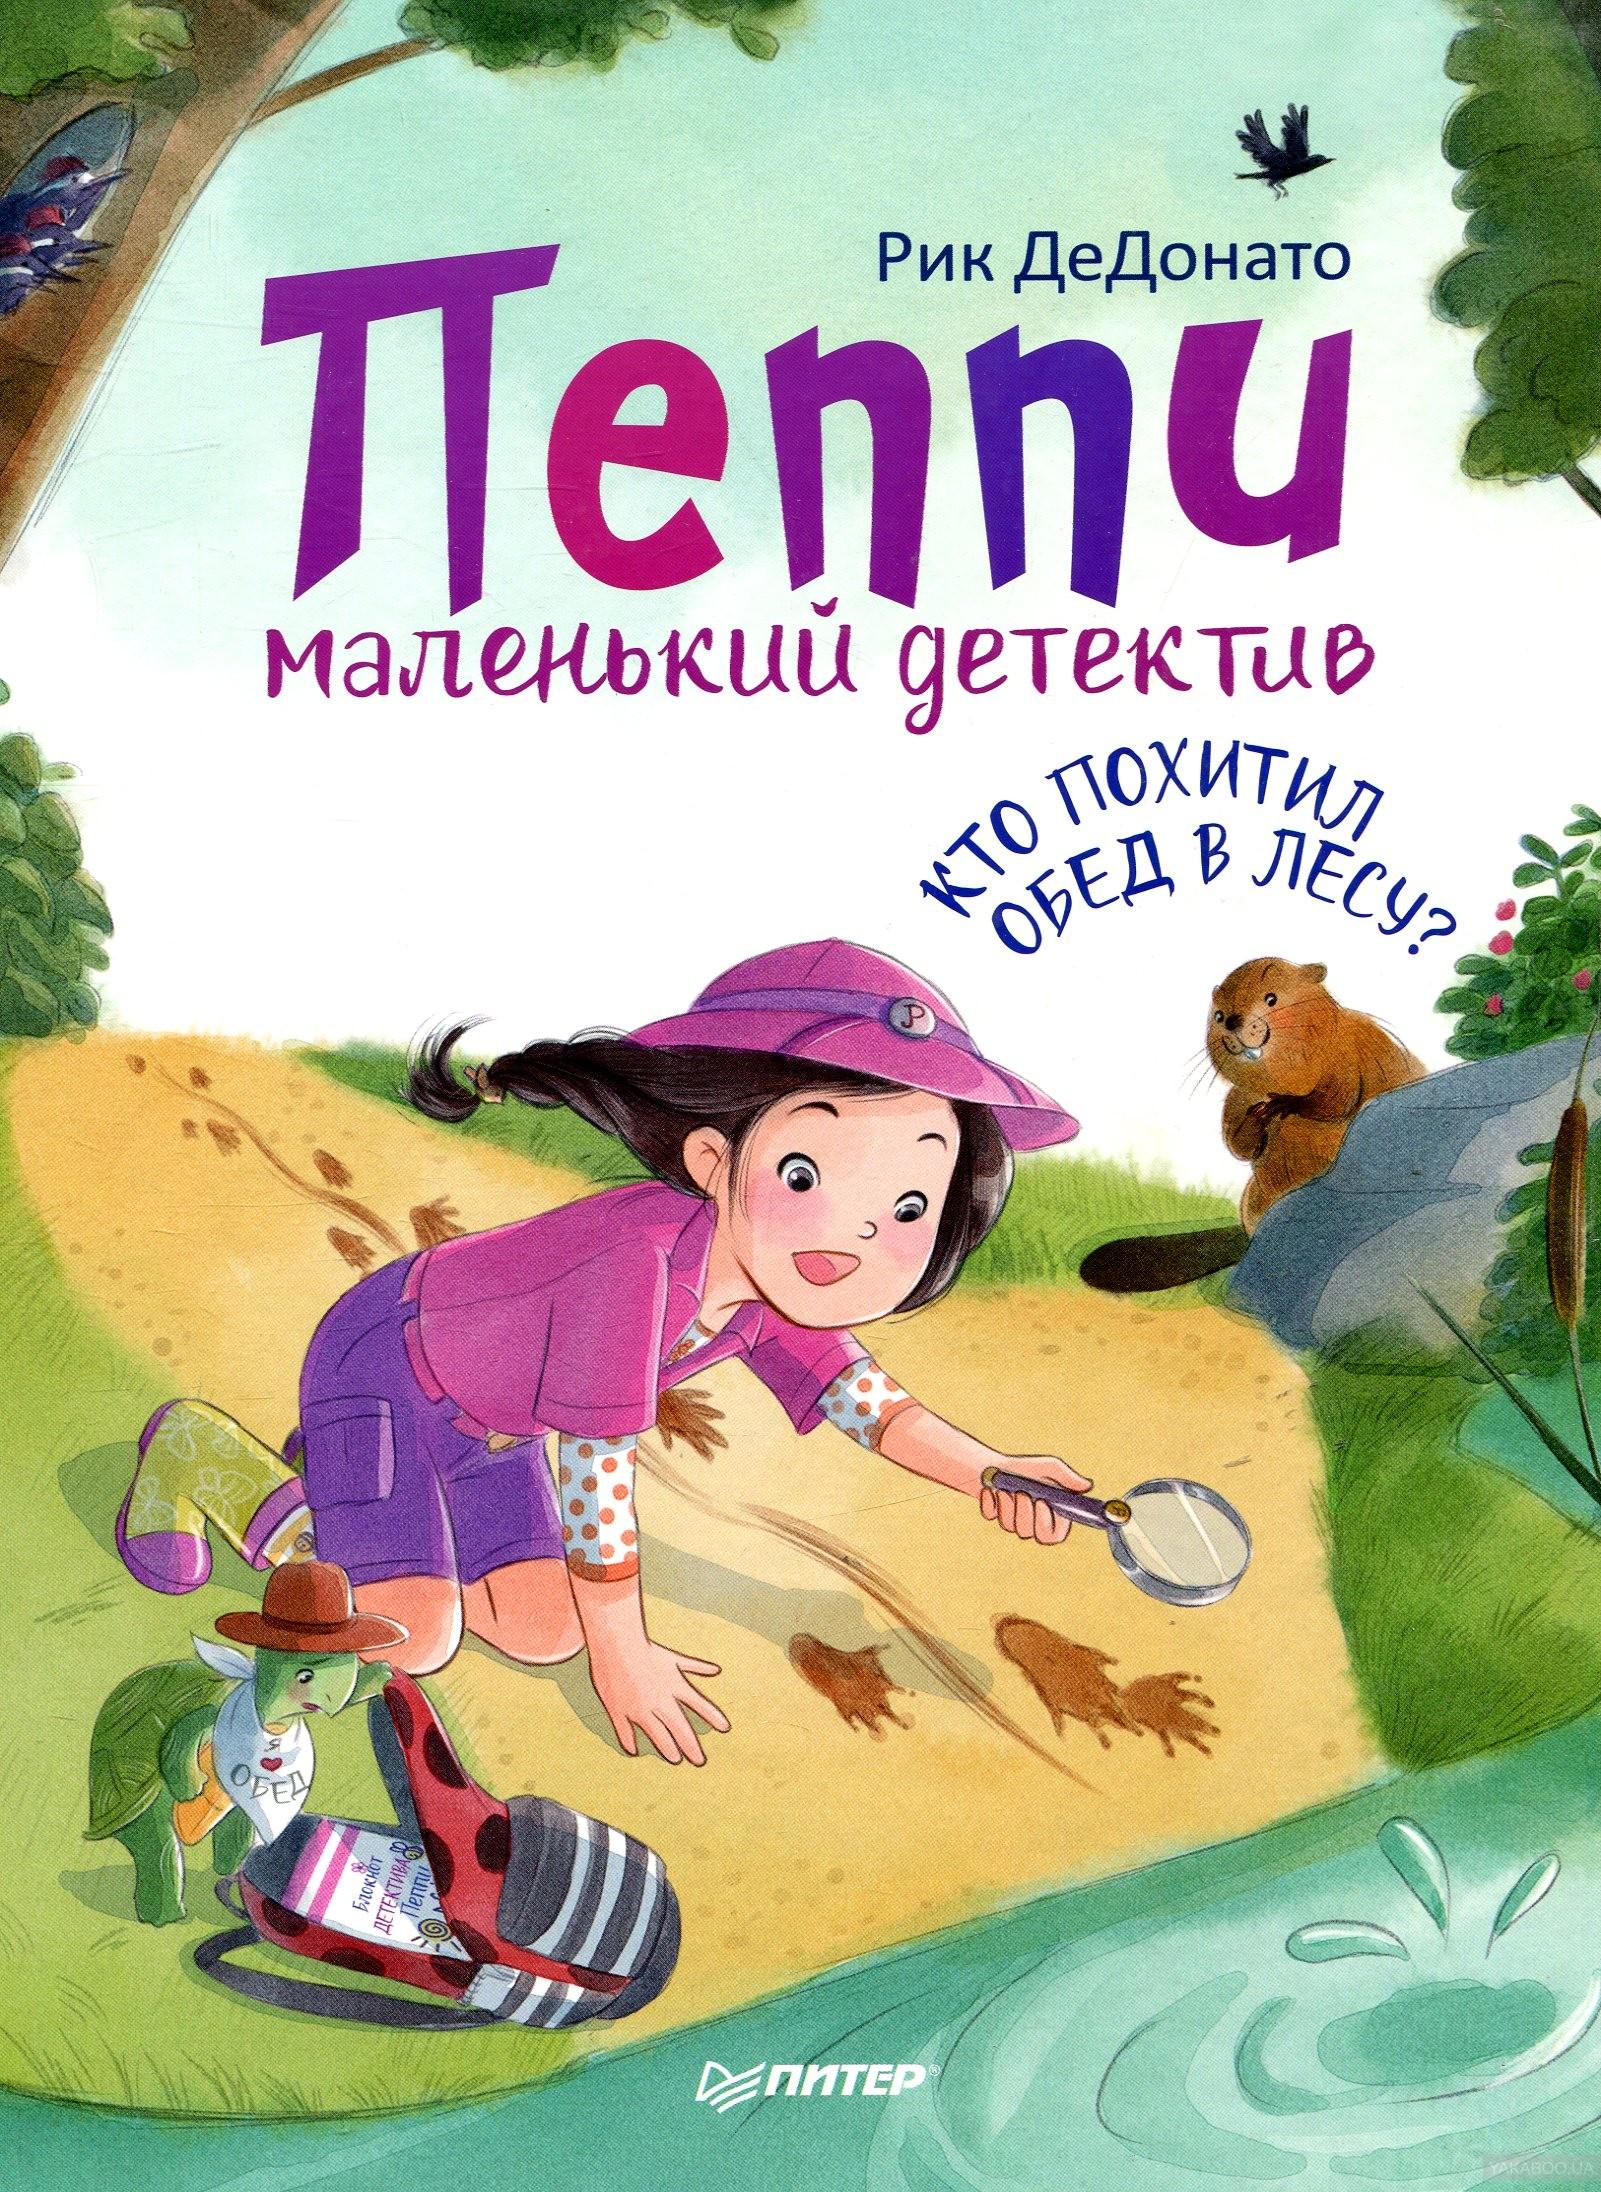 Купить Пеппи - маленький детектив. Кто похитил обед в лесу?, Питер, Детская художественная литература